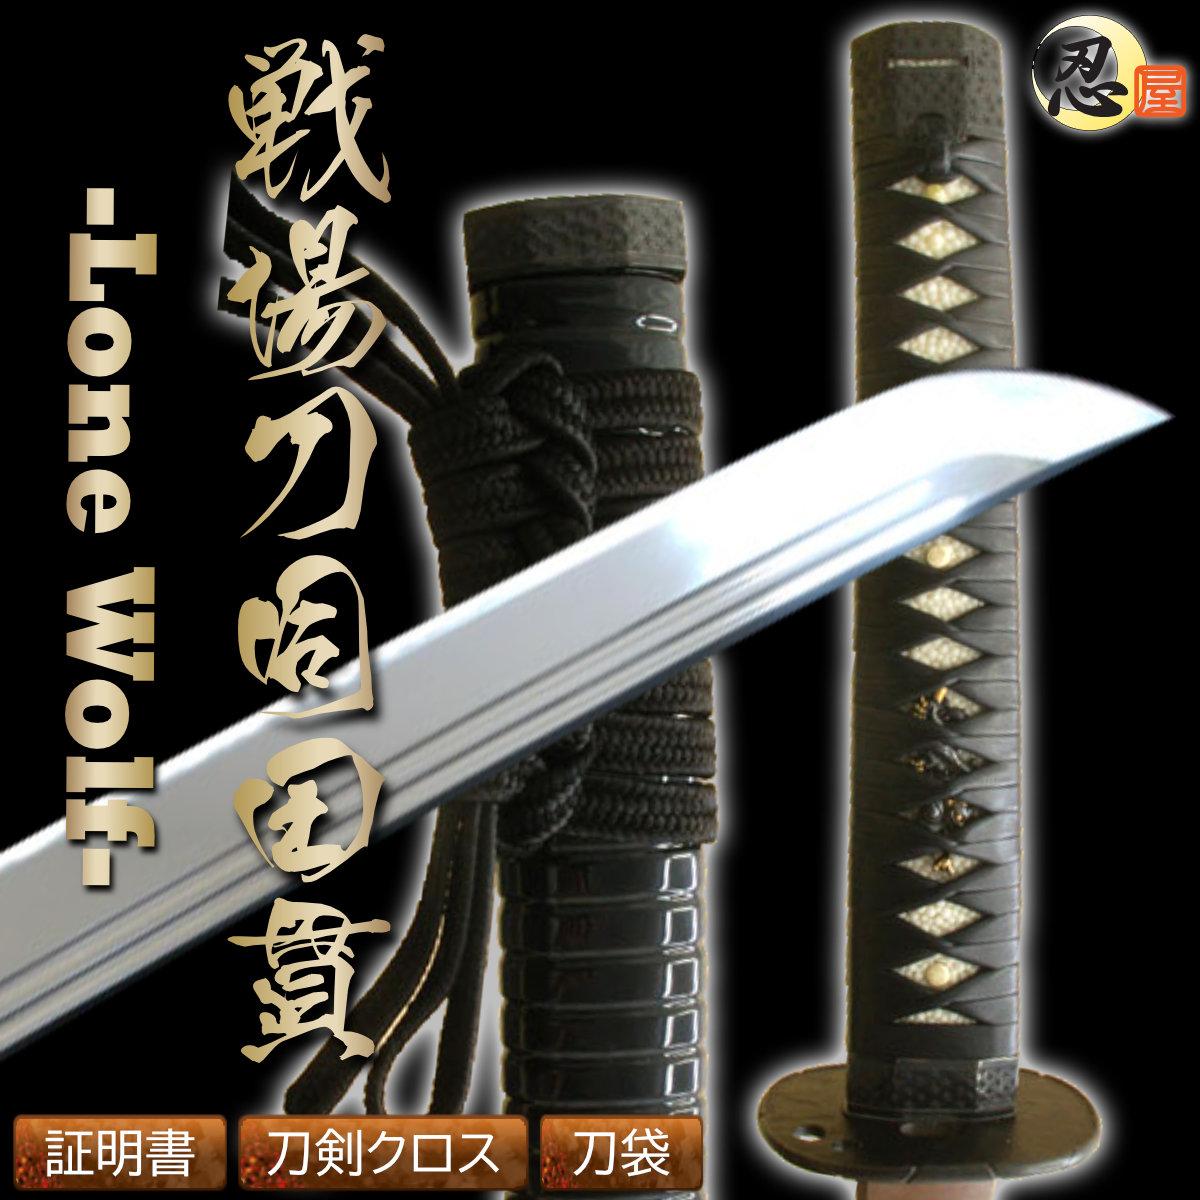 高級居合刀 戦場刀 同田貫 ~Lone Wolf~(刀袋付き)